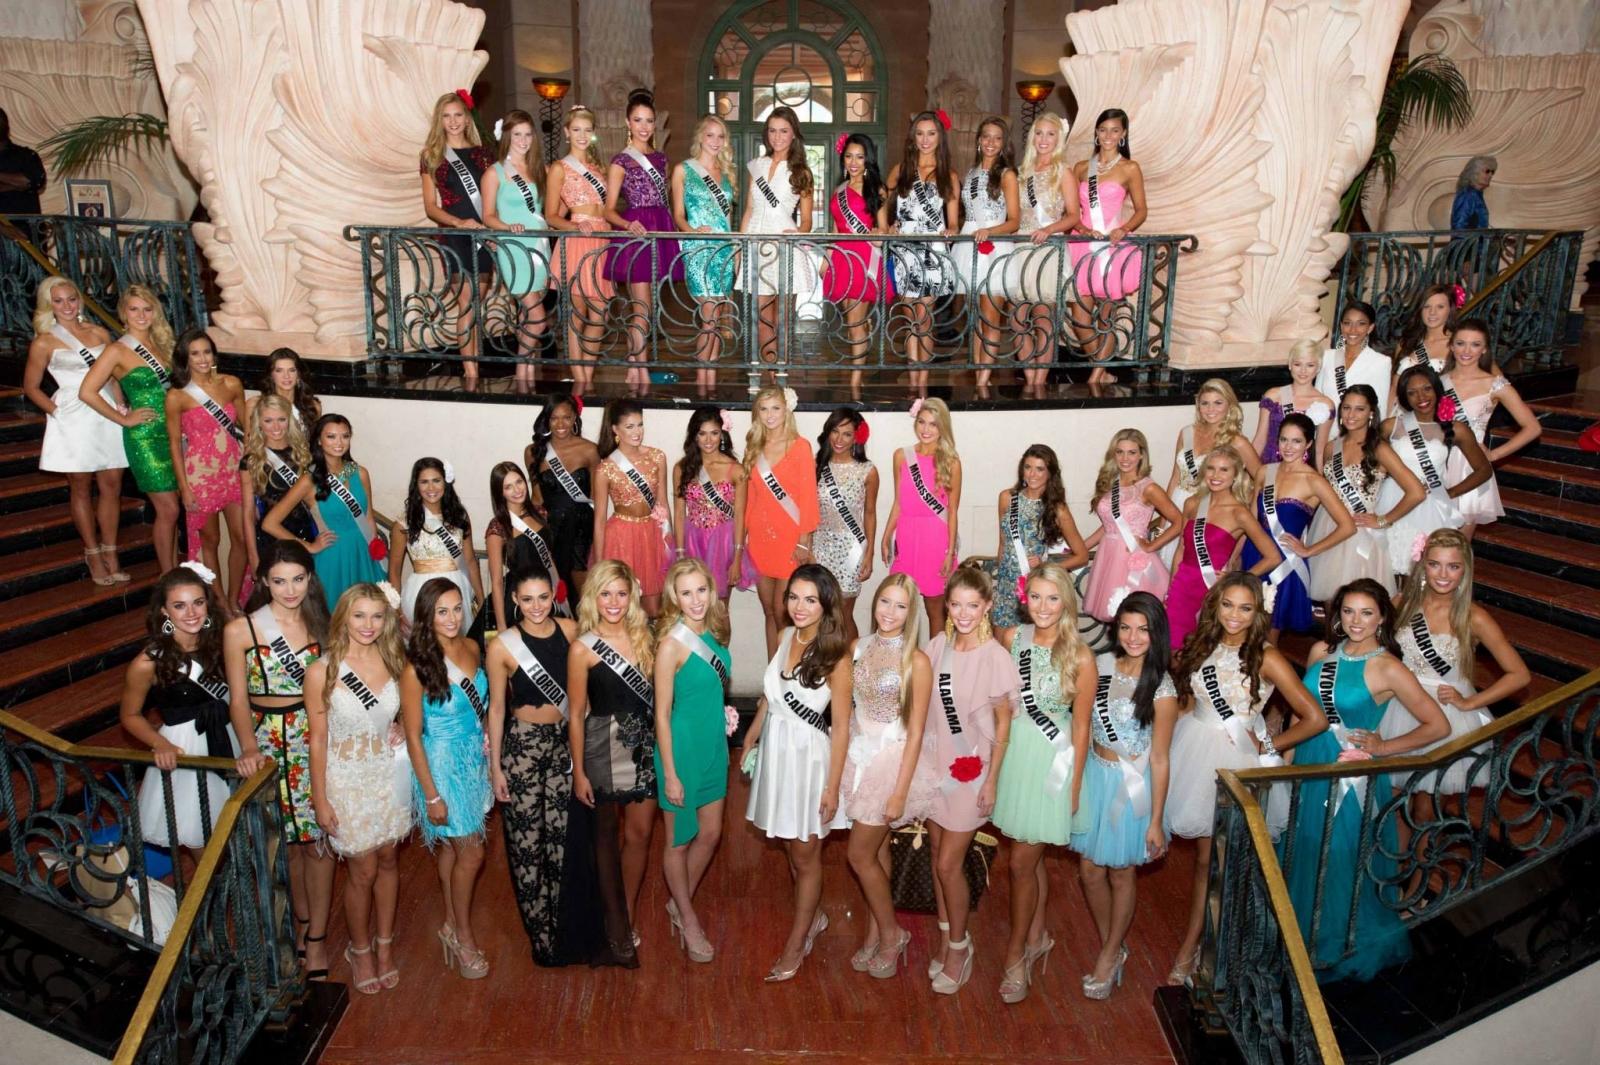 2014 Miss Teen USA